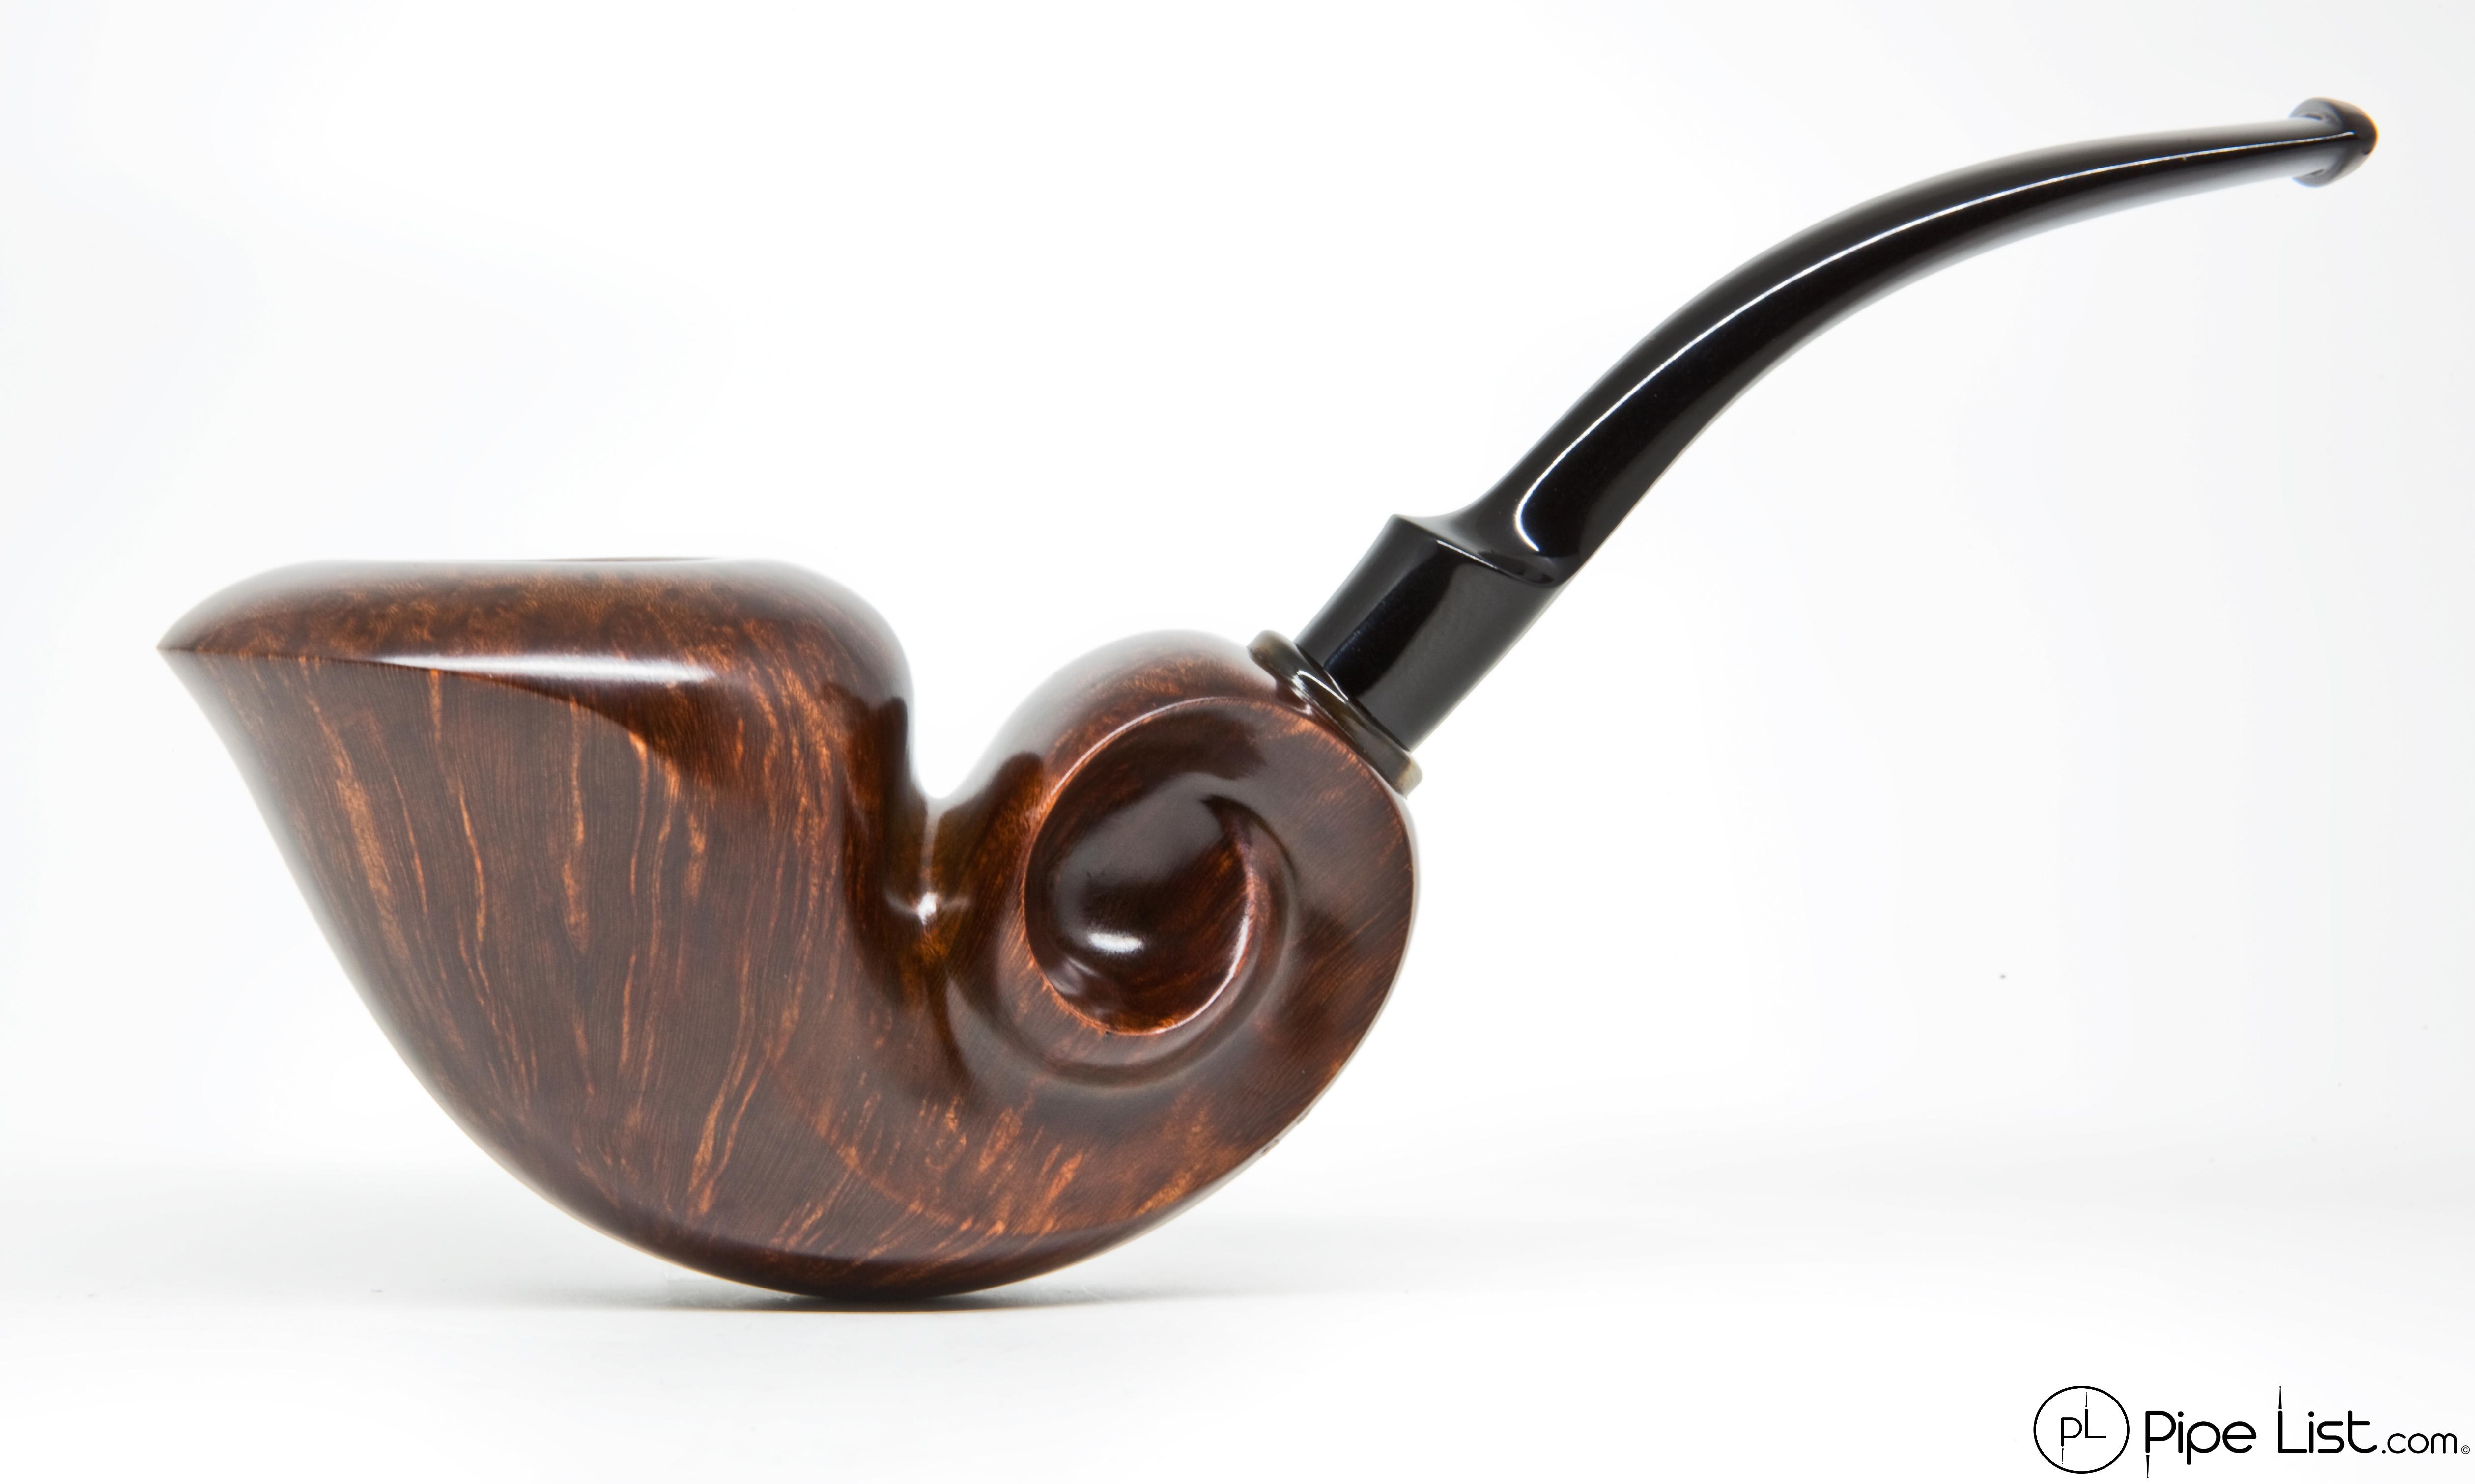 pipe smoking snail wallpaper - photo #30